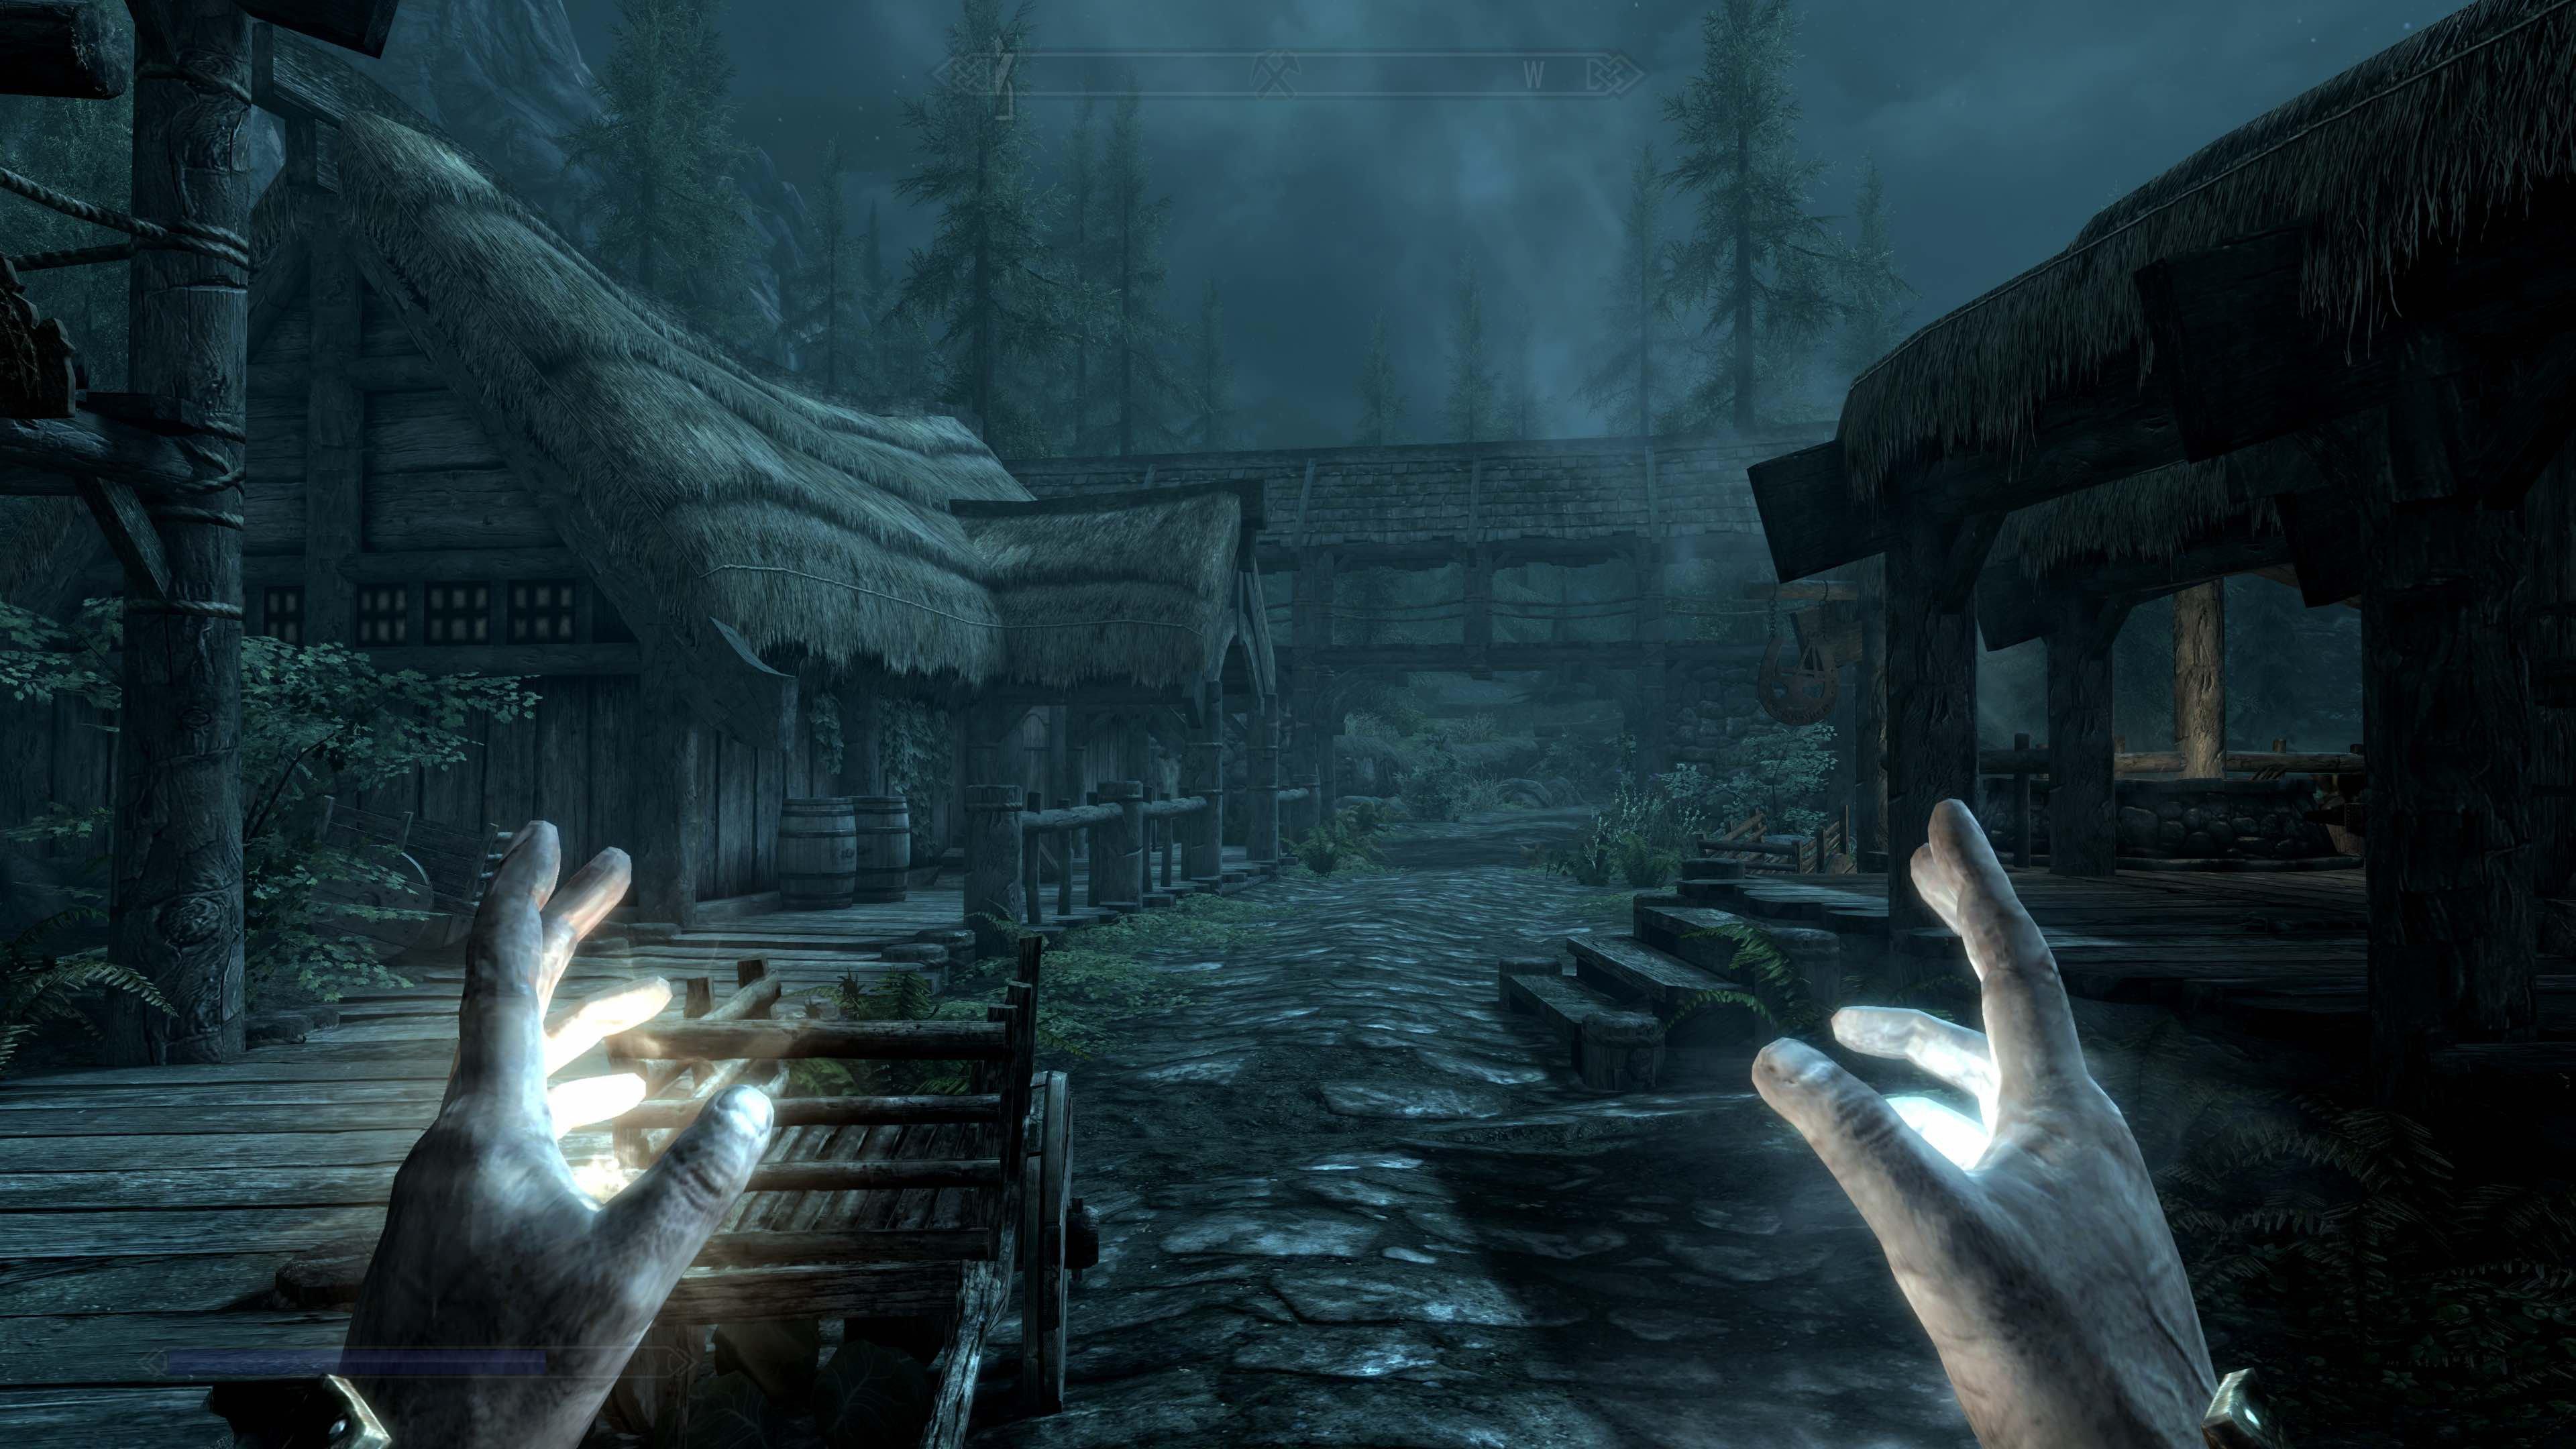 The Elder Scrolls V Skyrim Recensione: Switch si macchia con